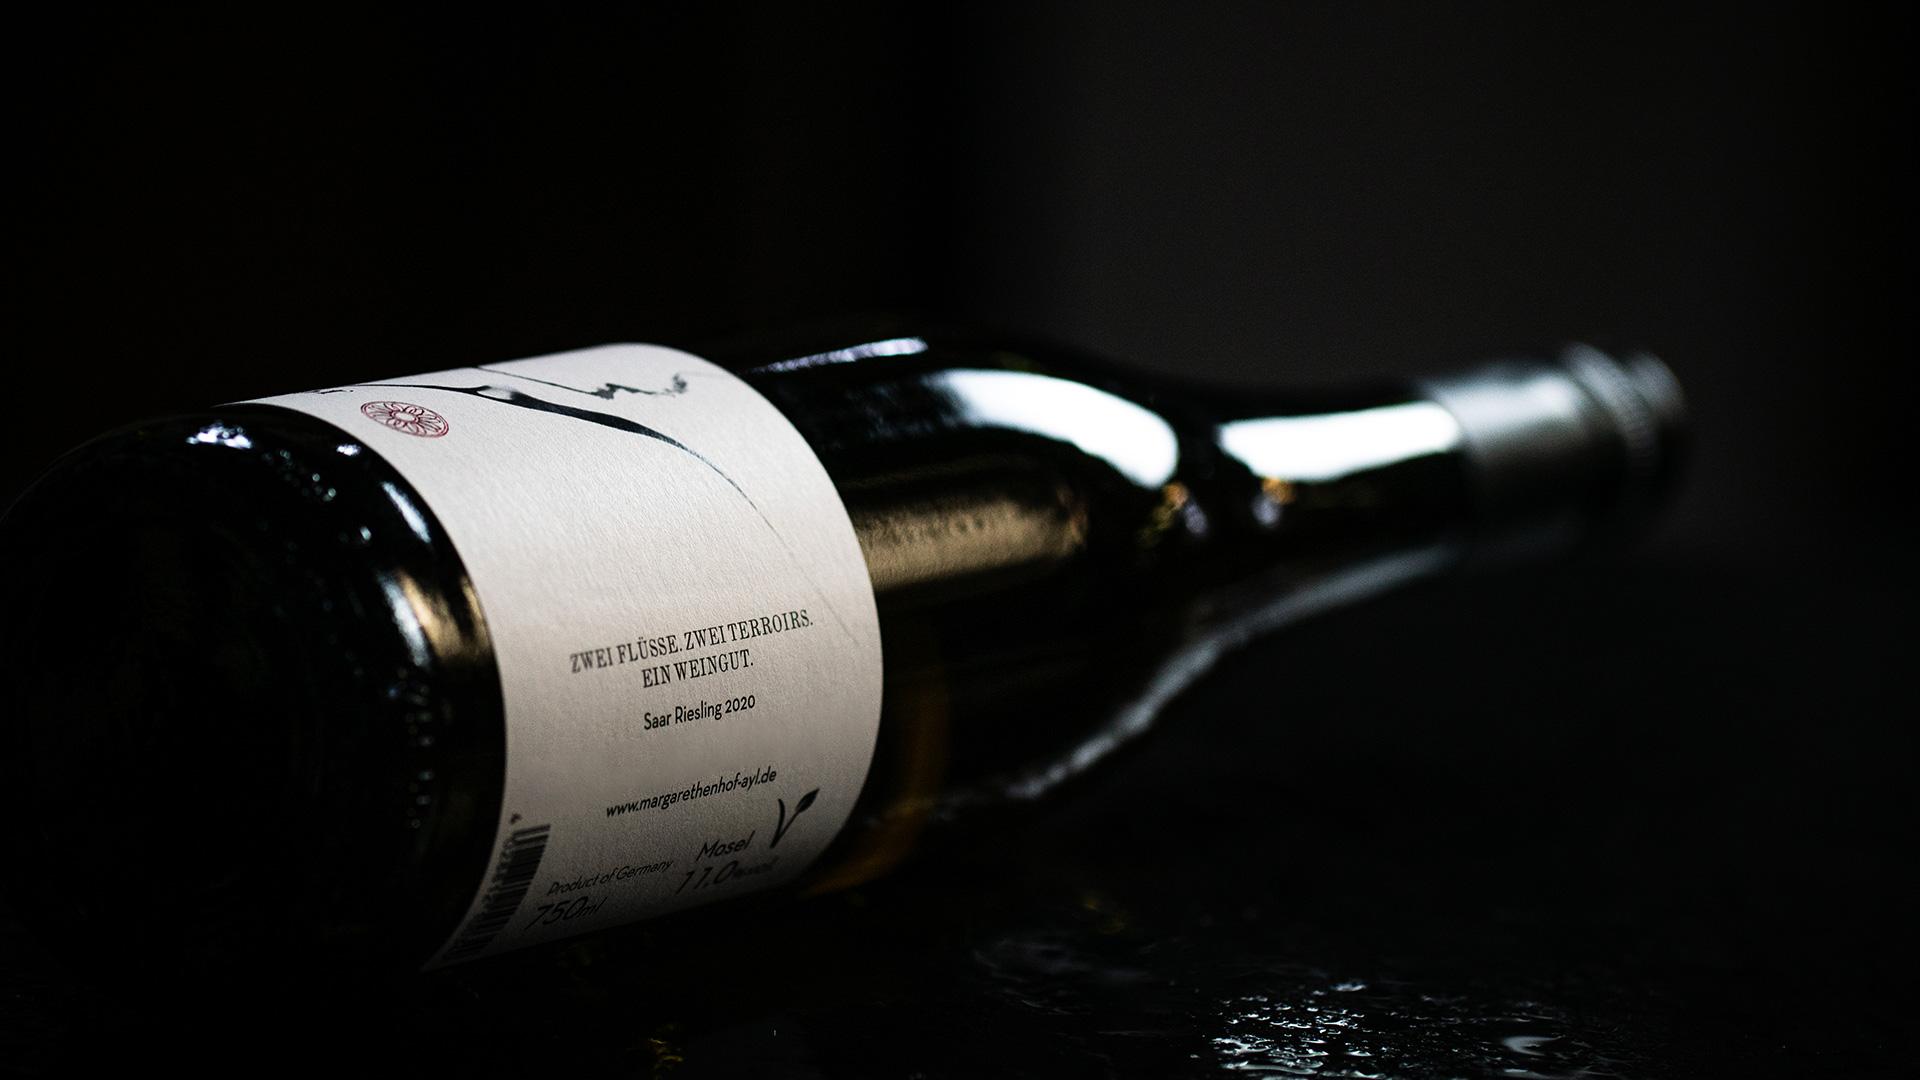 Margarethenhof Flasche Leitsatz: Zwei Flüsse, Zwei Terroirs, Ein Weingut